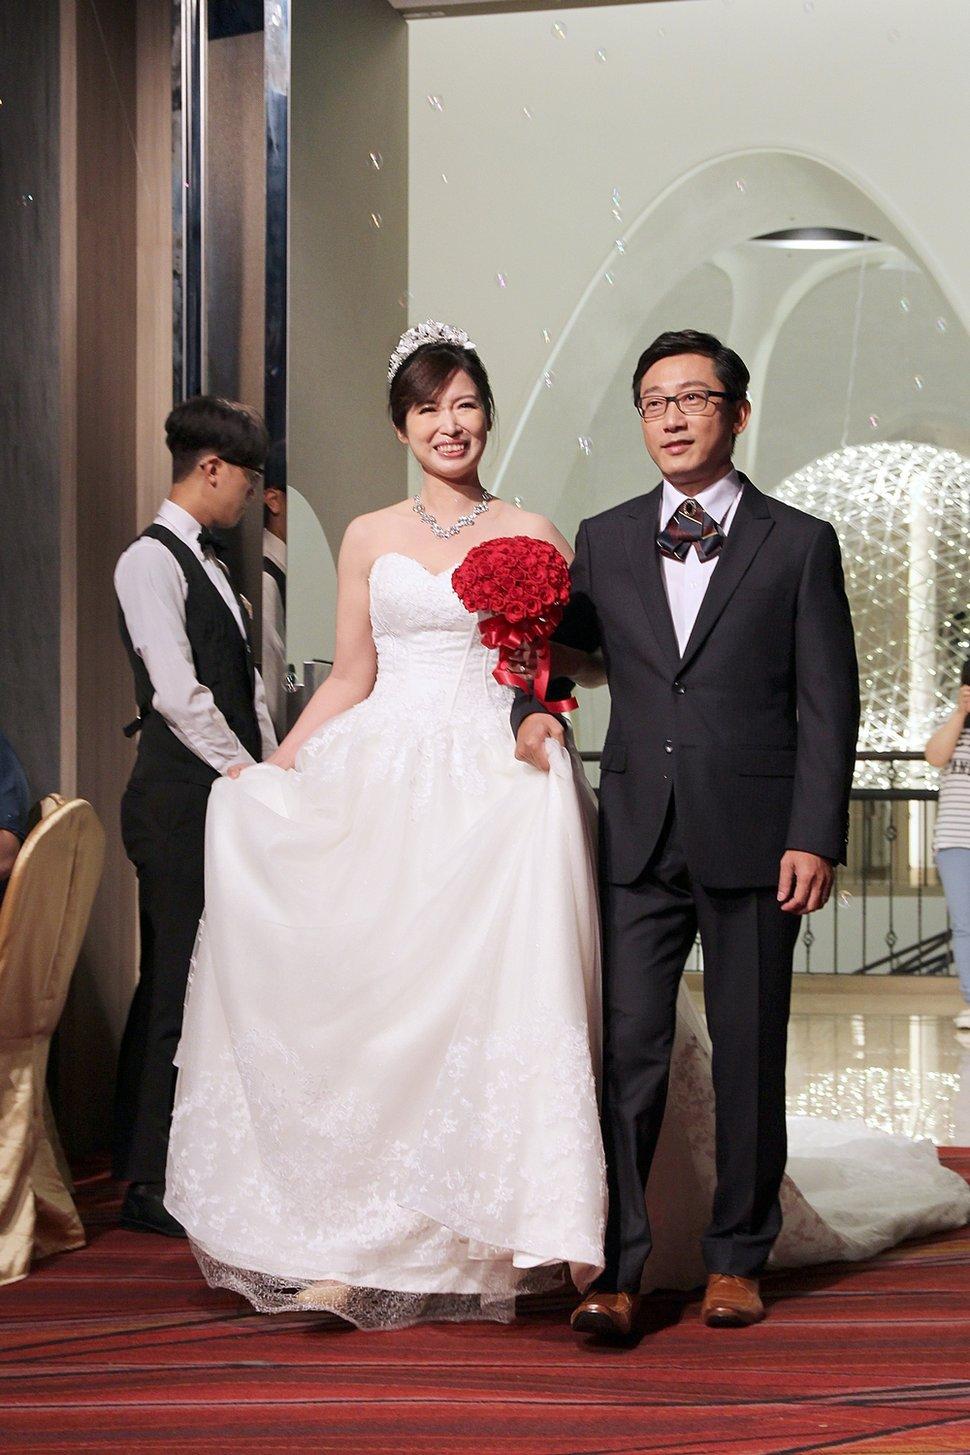 雅鈴&文偉(單午宴)(編號:431179) - 瑞比特婚禮紀錄攝影 - 結婚吧